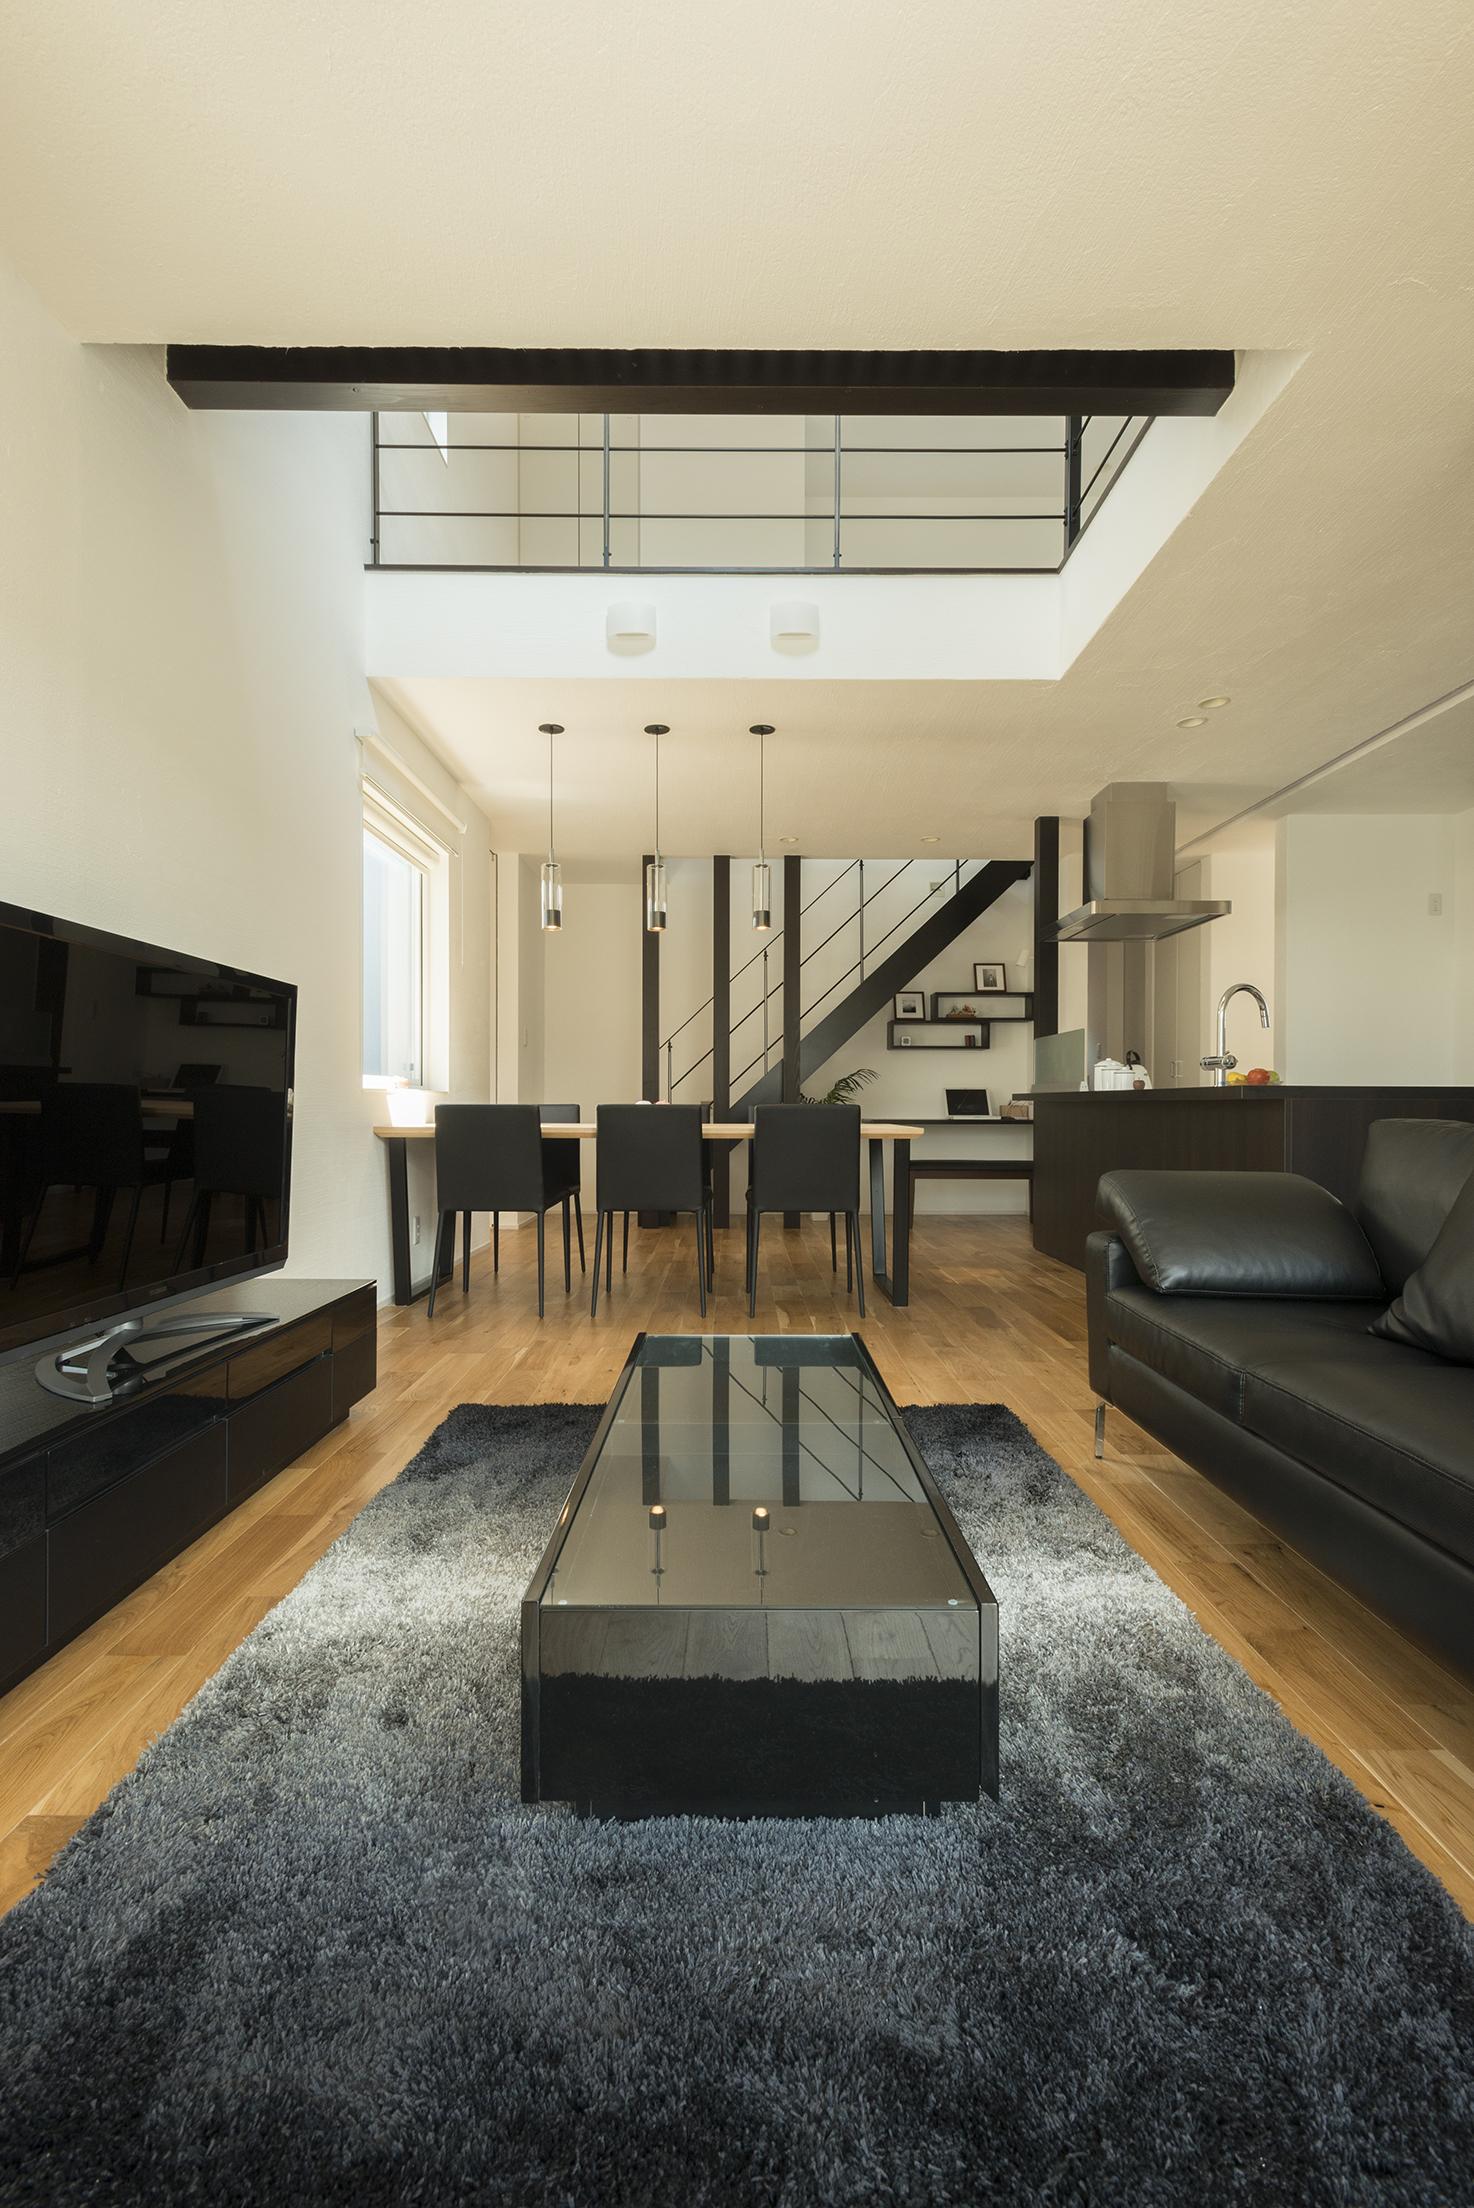 R+house藤枝(西遠建設)【デザイン住宅、建築家、インテリア】吹き抜けのLDK。1階からそよぐ風が2階へと吹き抜けていくのが心地よい